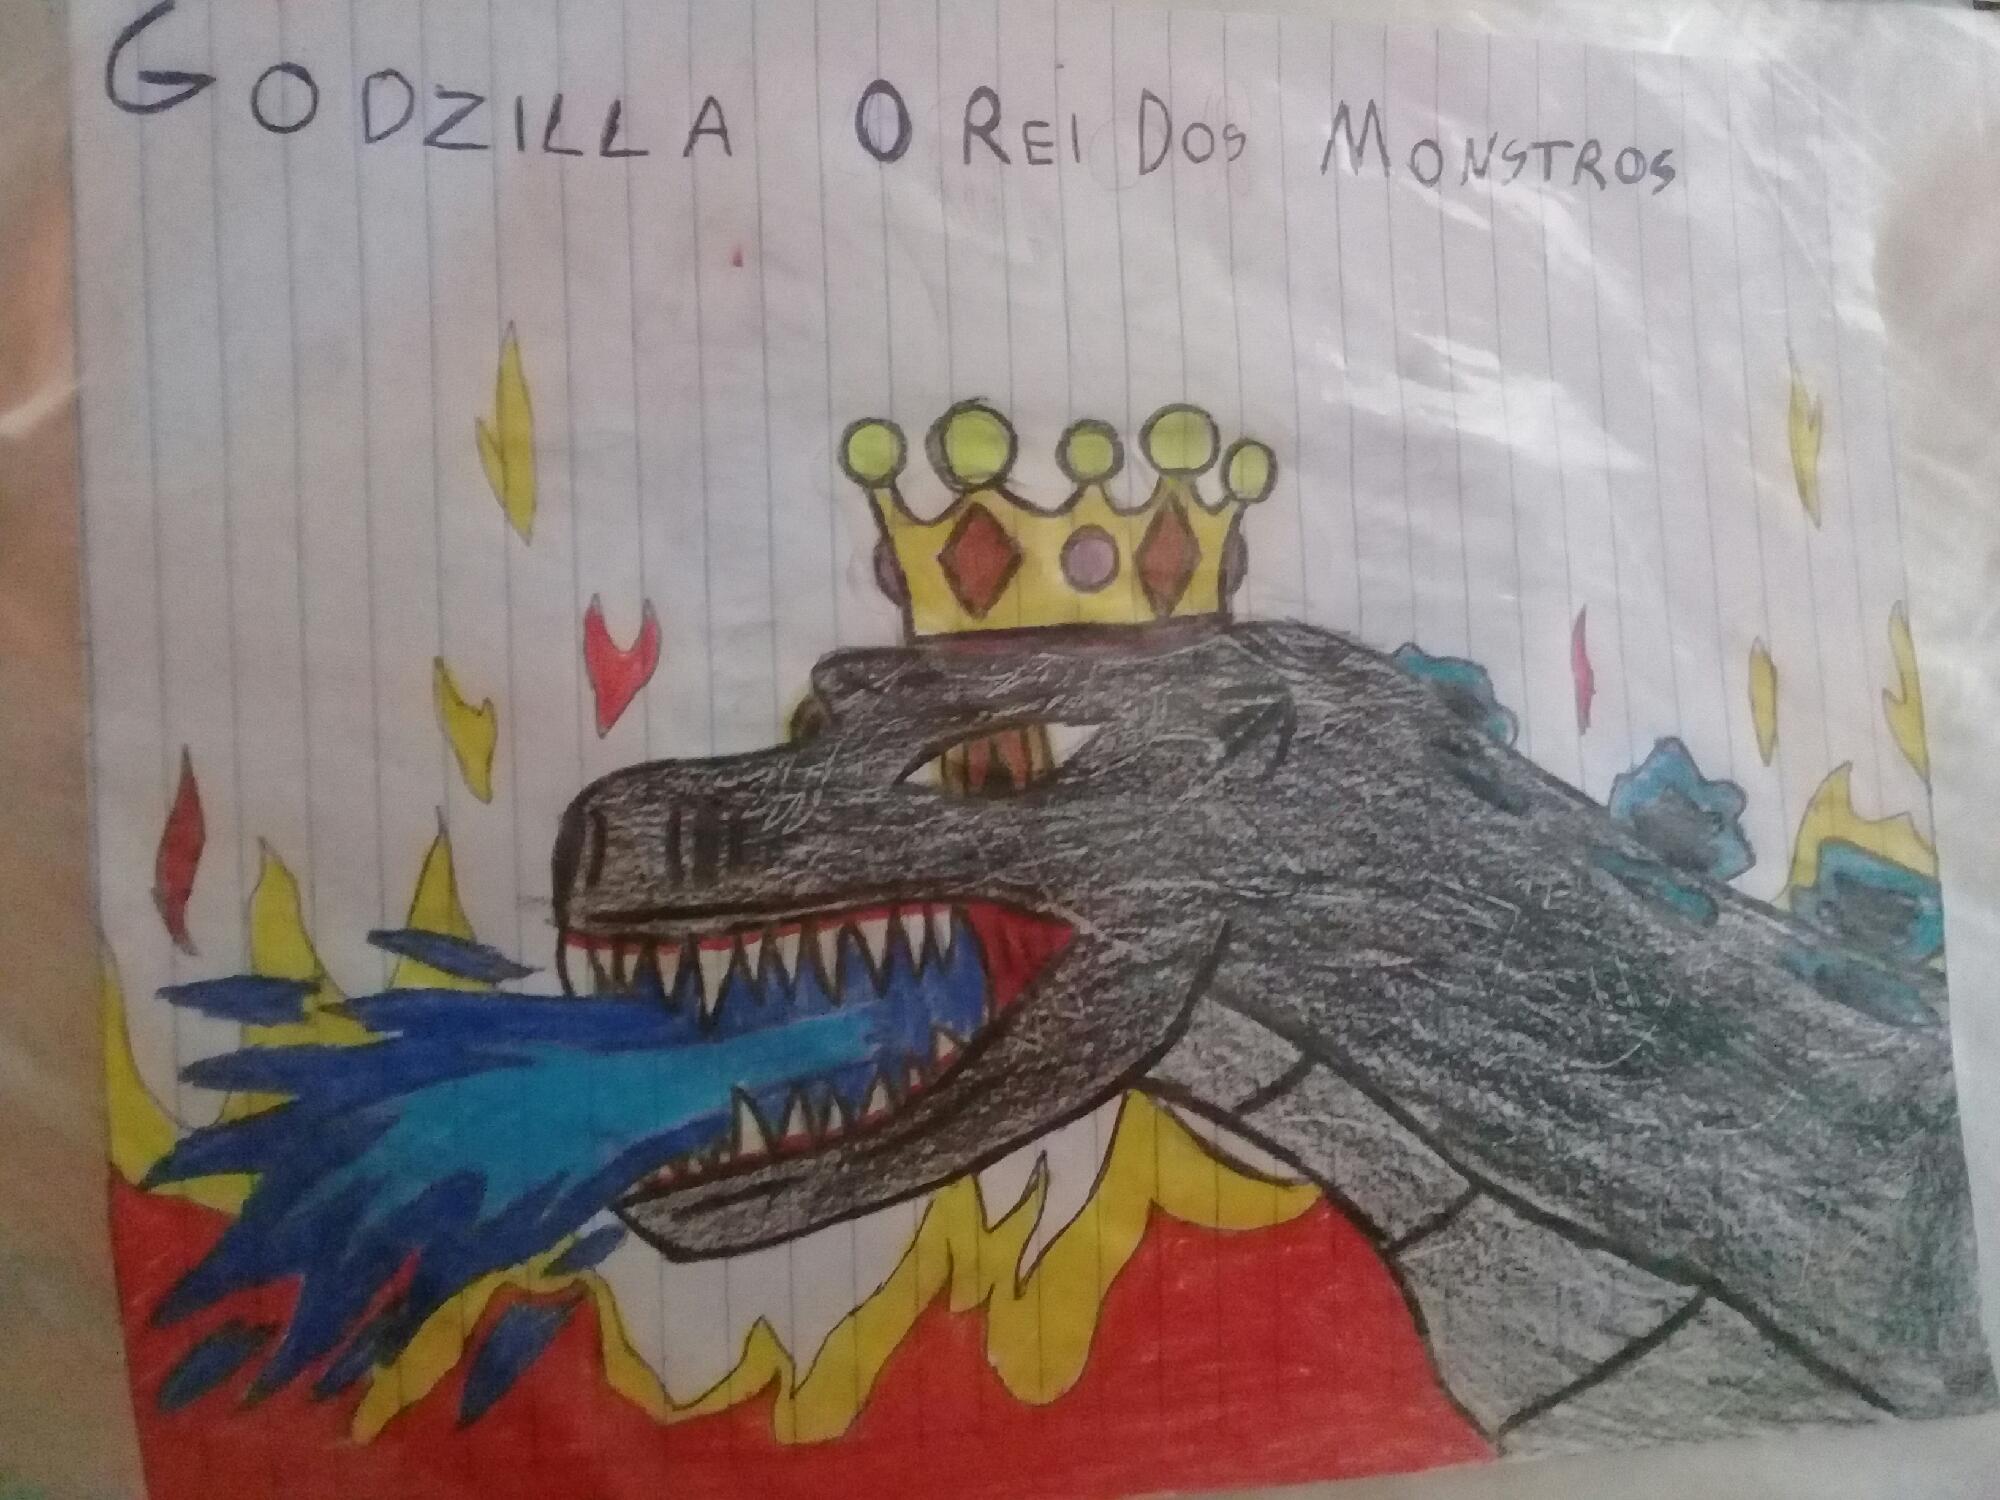 Um Dos Meus Desenhos De Godzilla